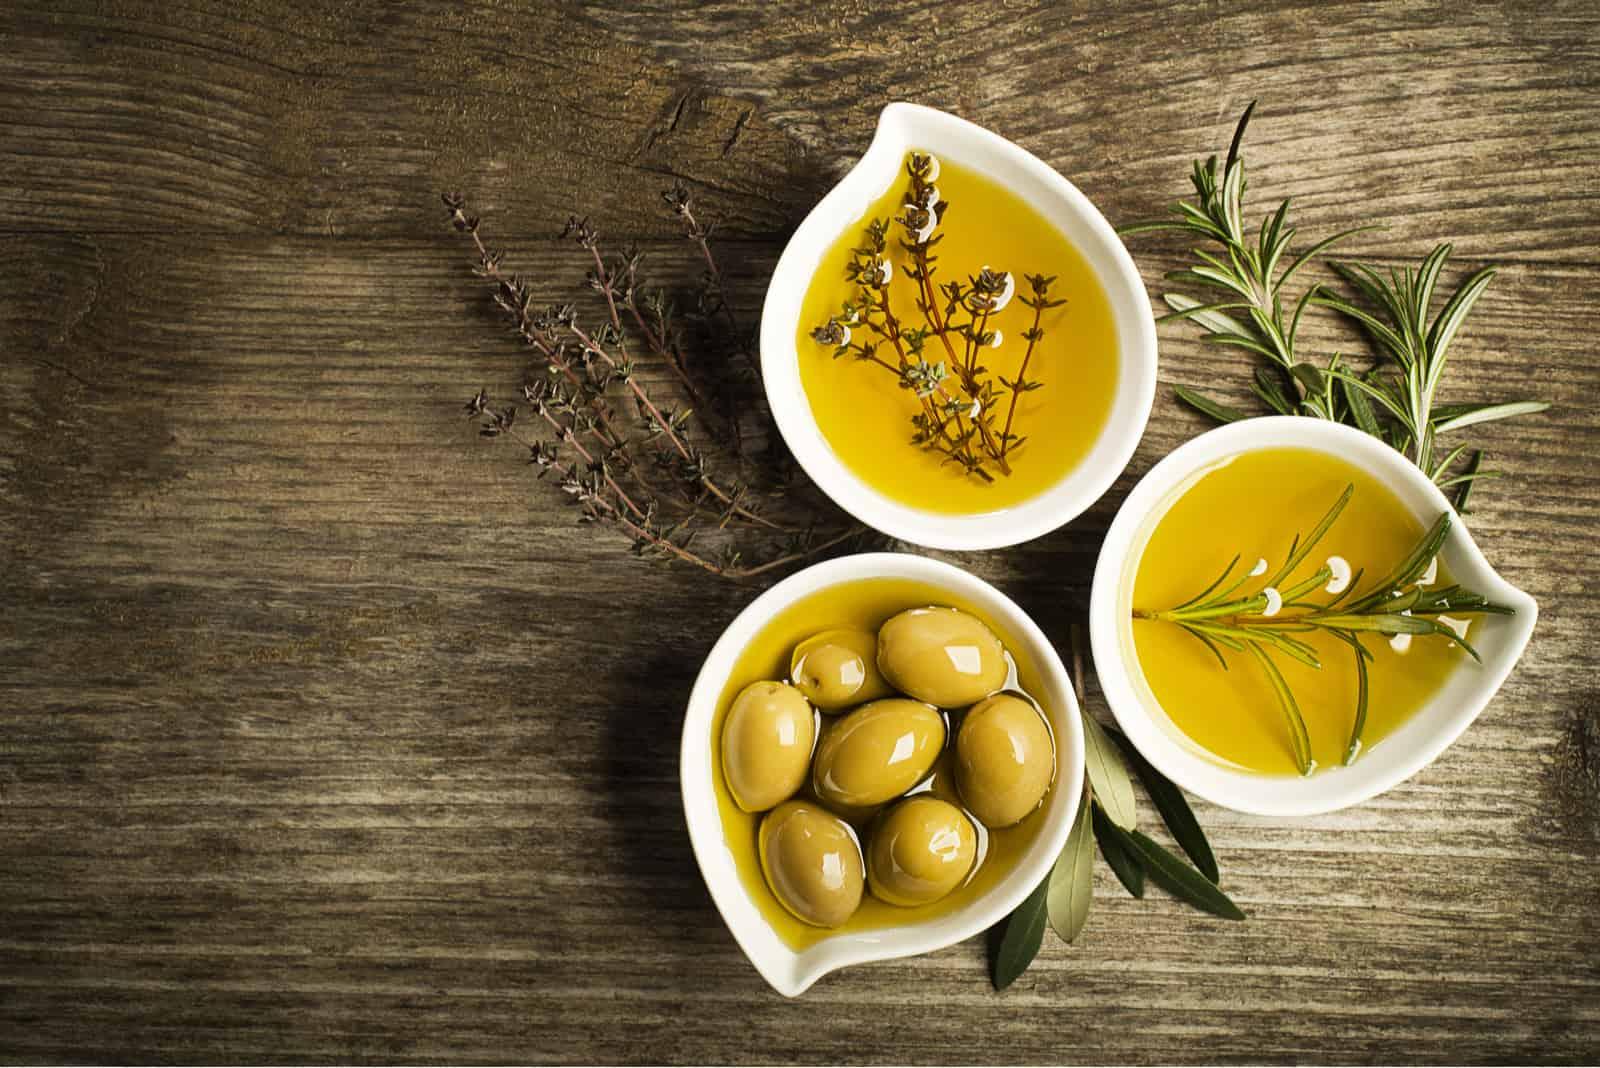 Olivenöl in Schalen auf einem Holztisch